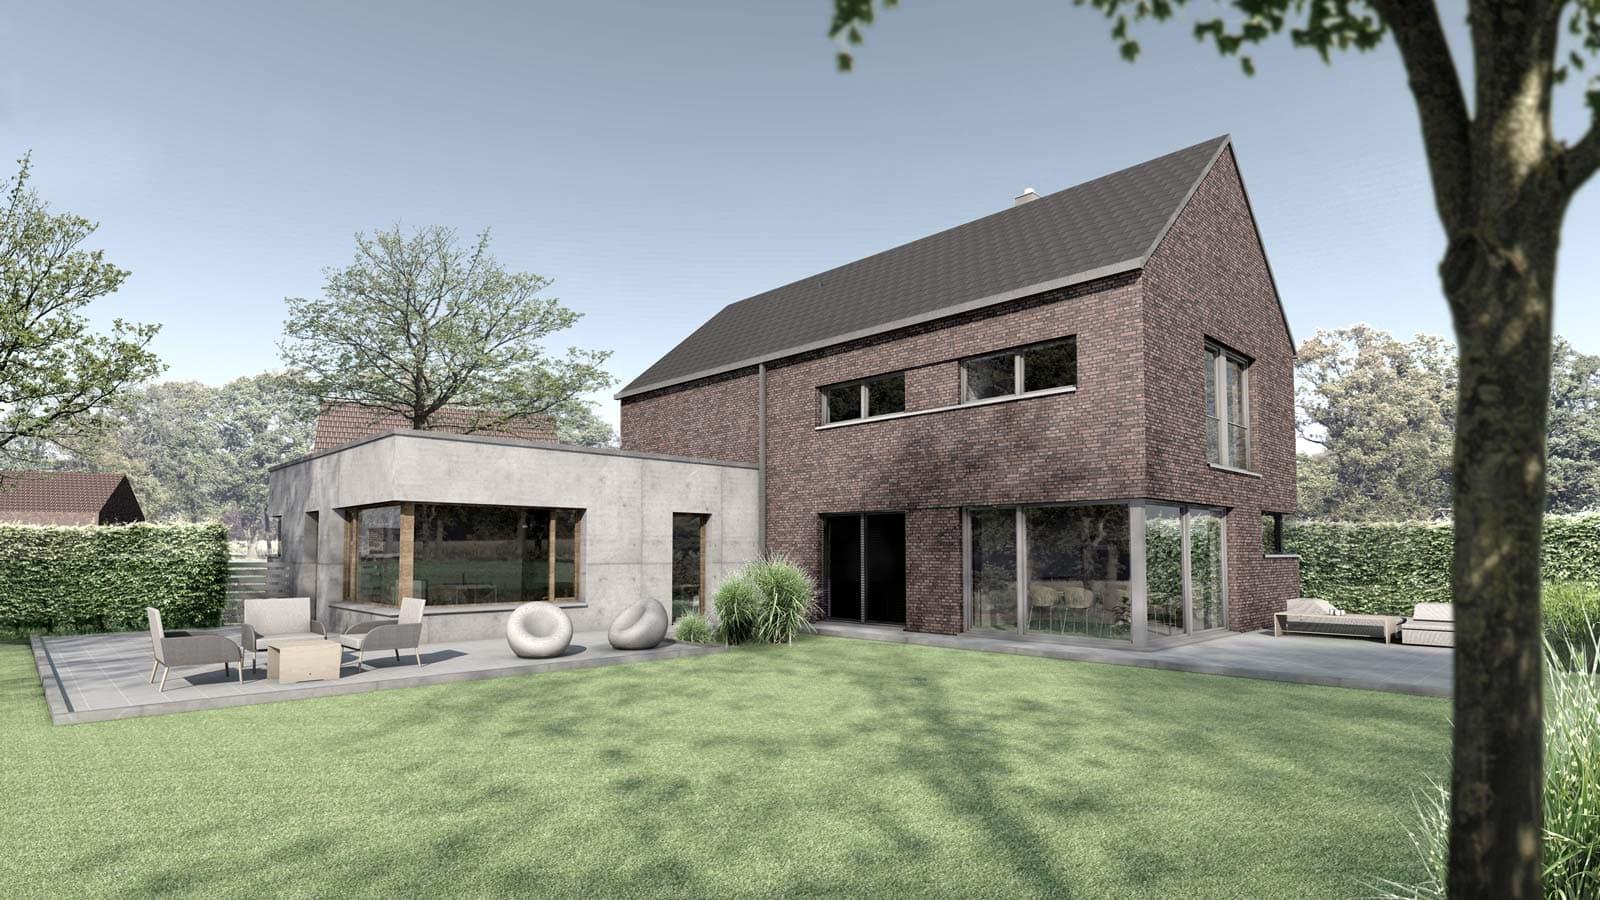 Neubau Einfamilienhaus mit Einliegerwohnung in Nordwalde, Holtfrerich Architekten